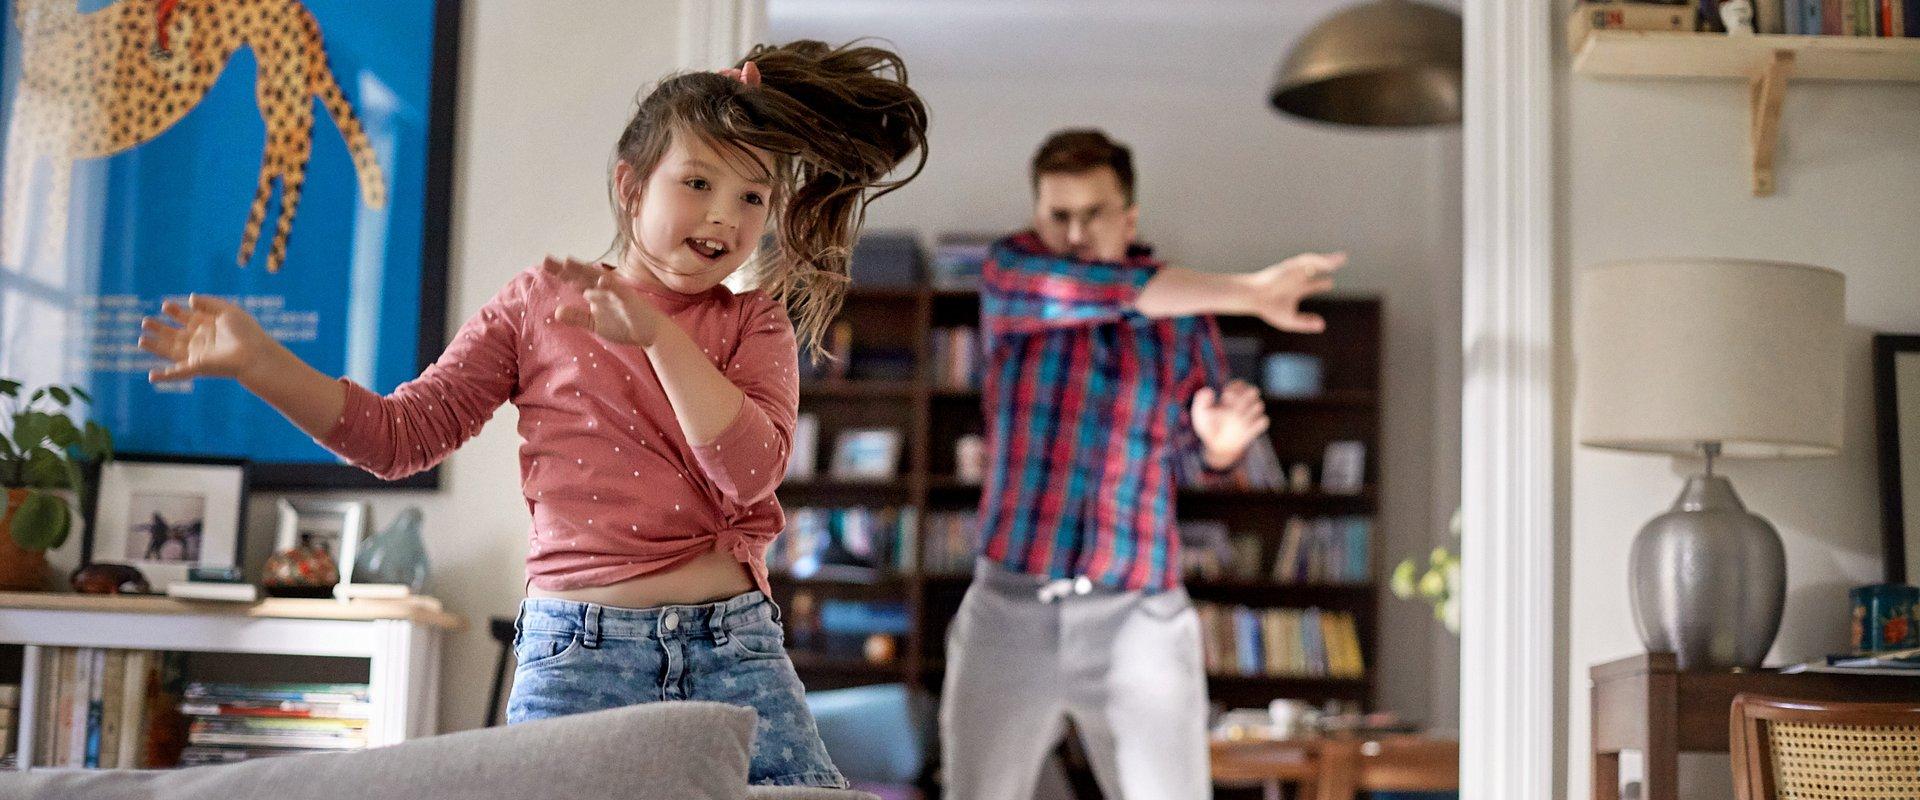 """""""Ubezpiecz jak ojciec, baw się jak tata"""" – zachęca w nowej kampanii Nationale-Nederlanden"""